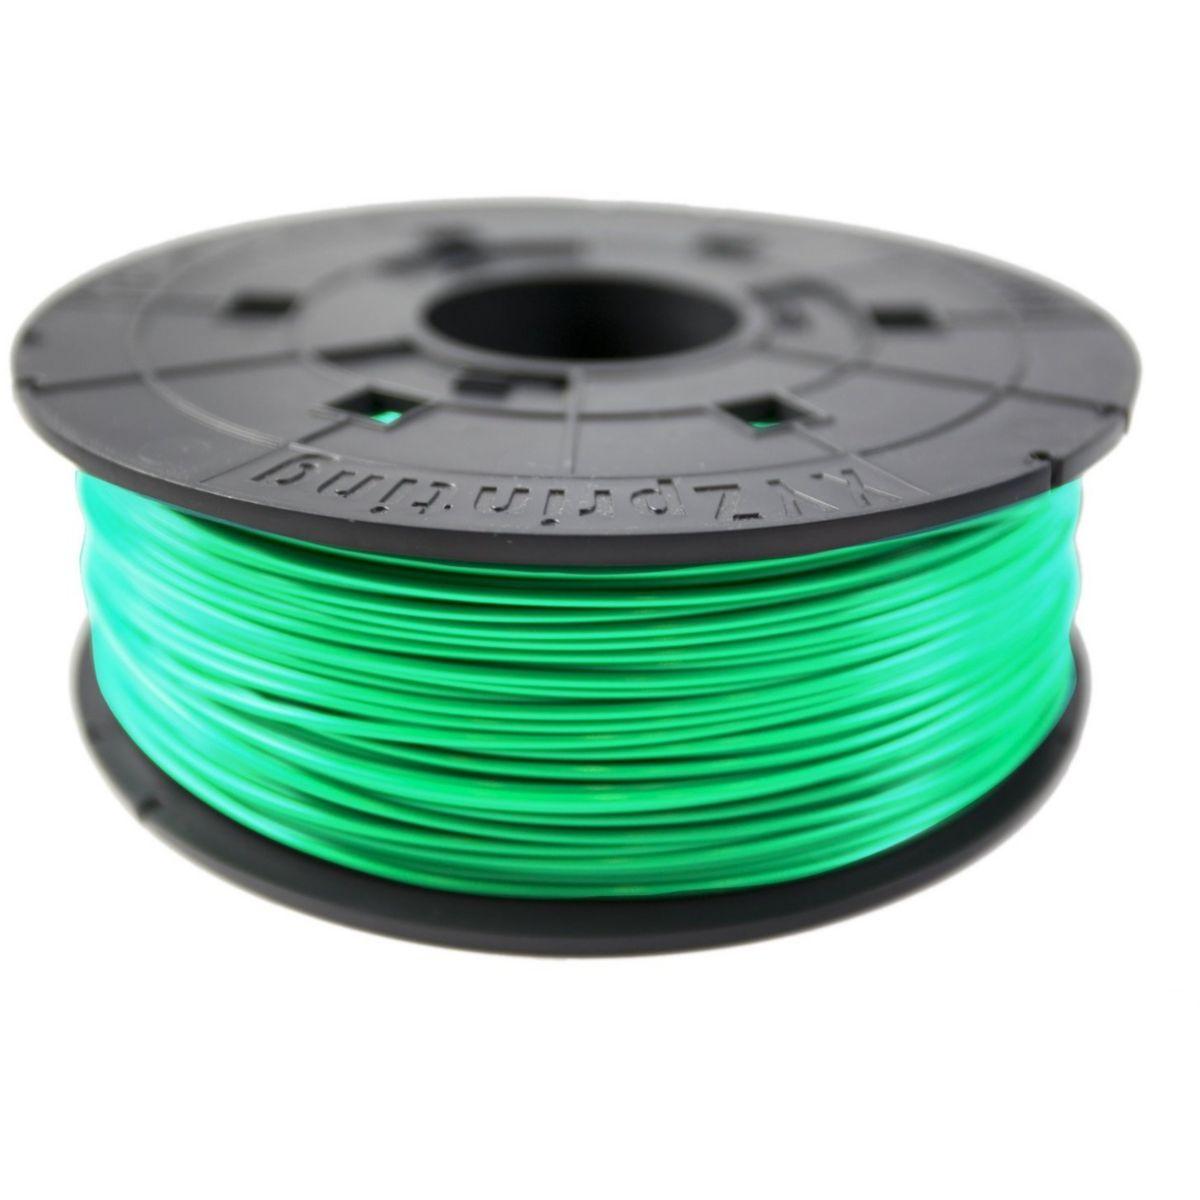 Filament 3D XYZ PRINTING Bobine recharge ABS Vert clair